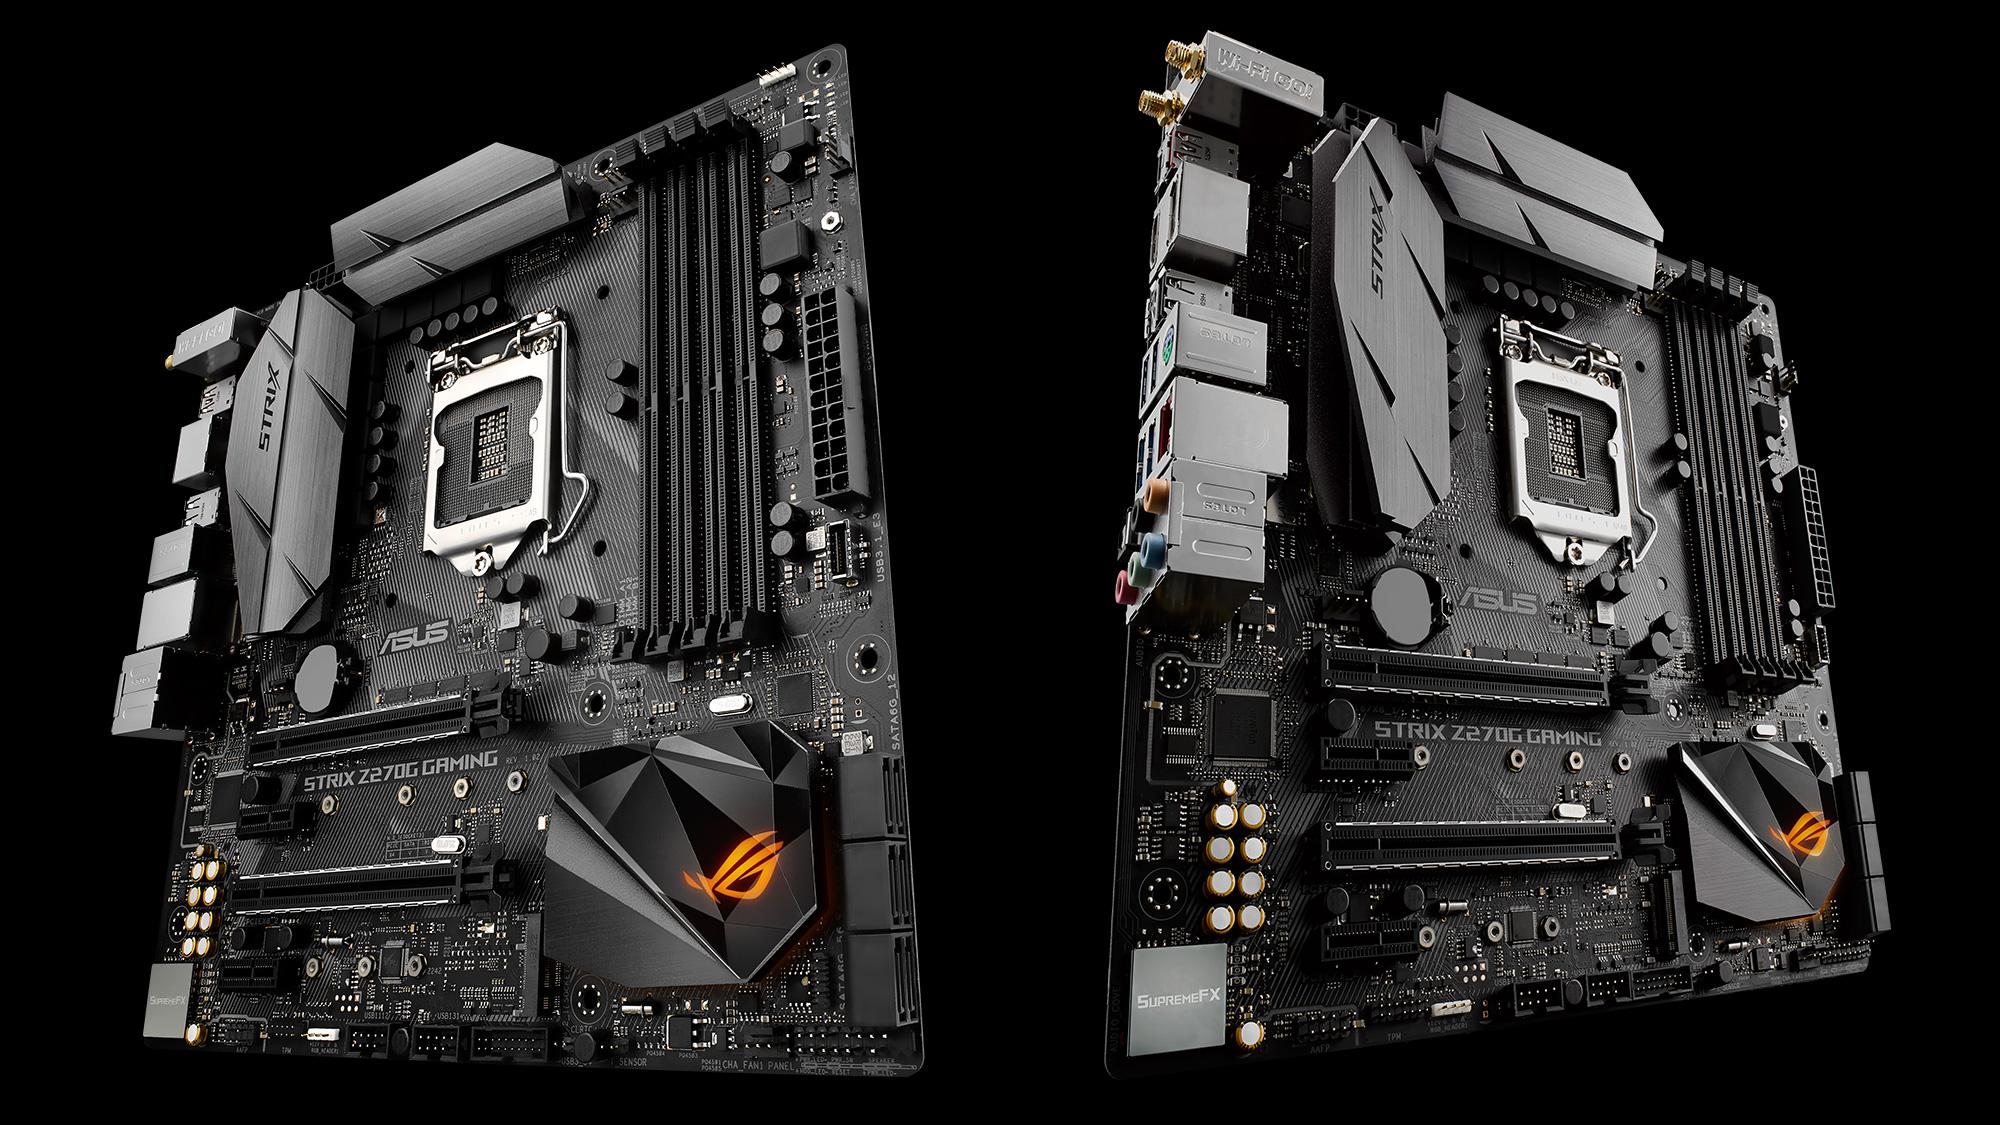 ROG Strix Z270G Gaming Estas son las nuevas motherboards Z270 de ASUS